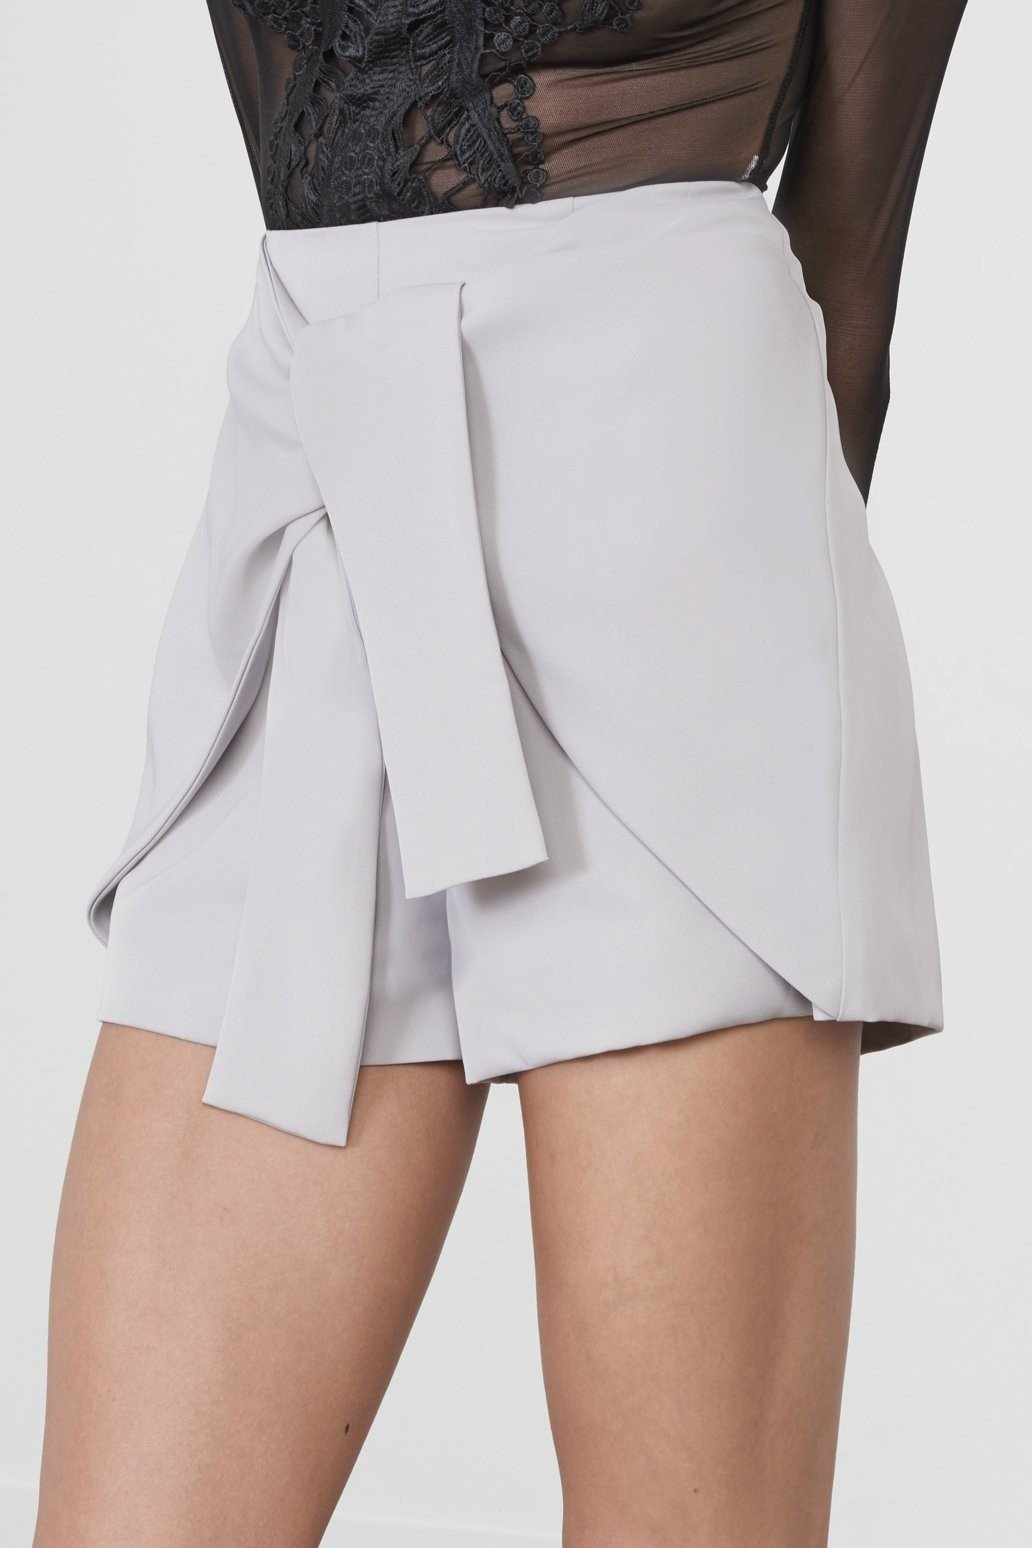 серая юбка-шорты на завязках с чем носить